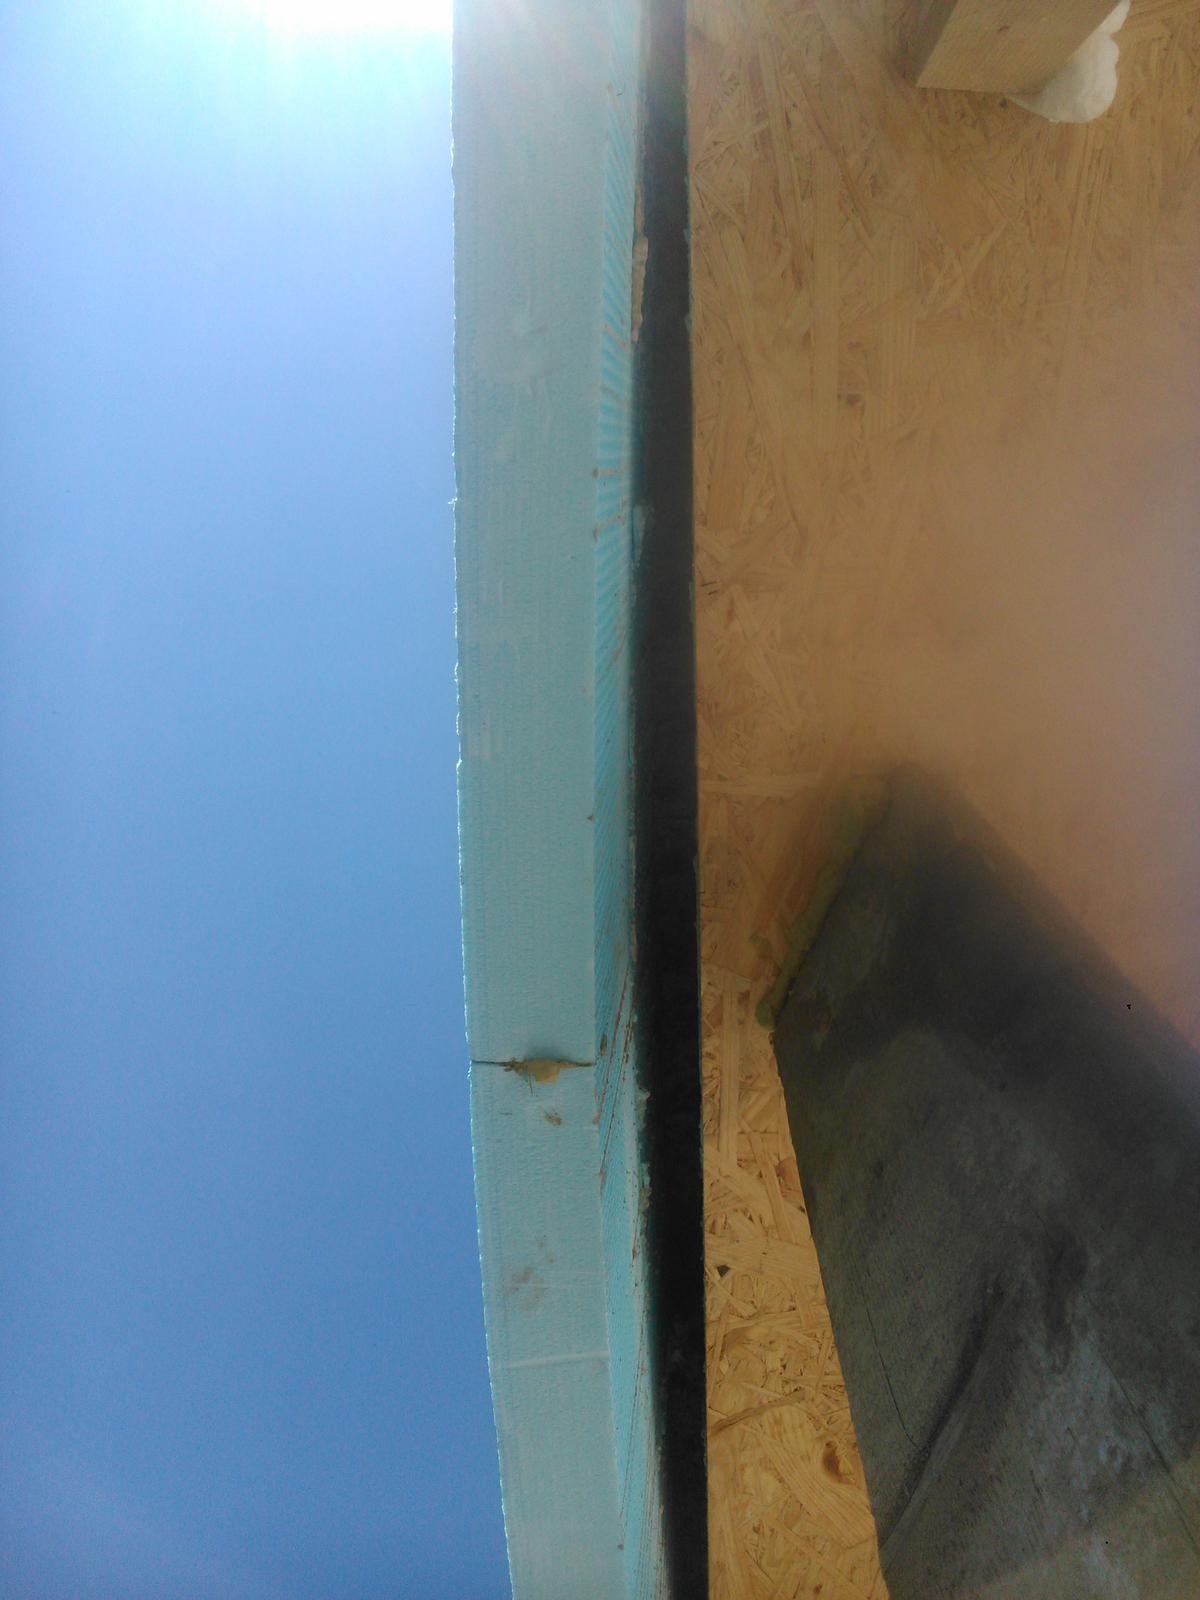 Domček pre moju rodinku :) - mensia nehoda pri betonovani, v tej casti som akosi zabudol ze je slabe miesto ze to nieje dobre prilepene o ytong a nepoistil som to